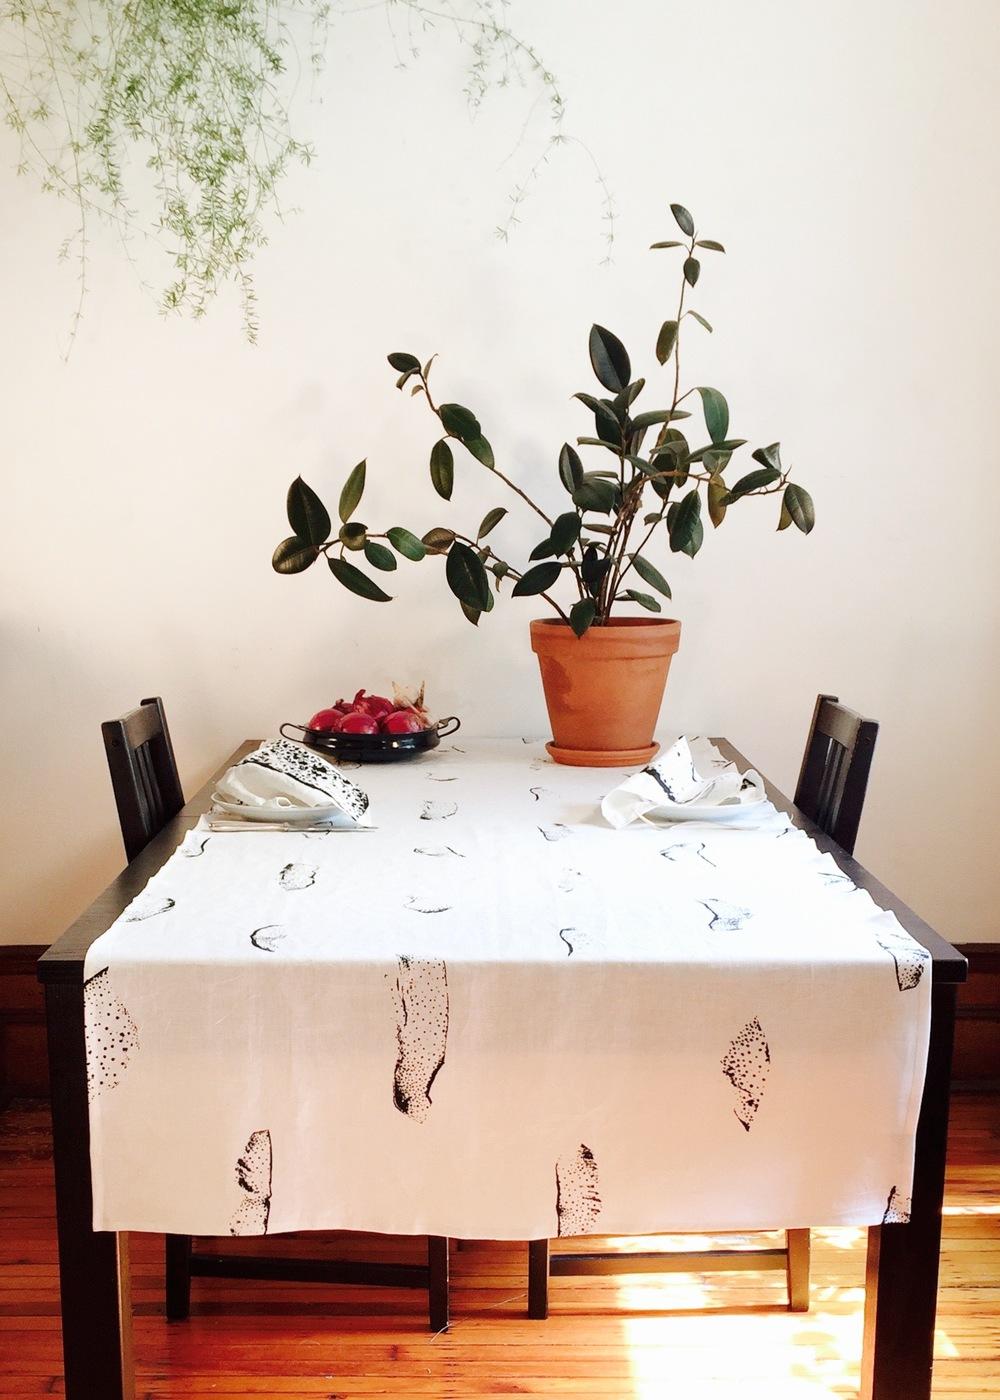 PEELS, tablecloth